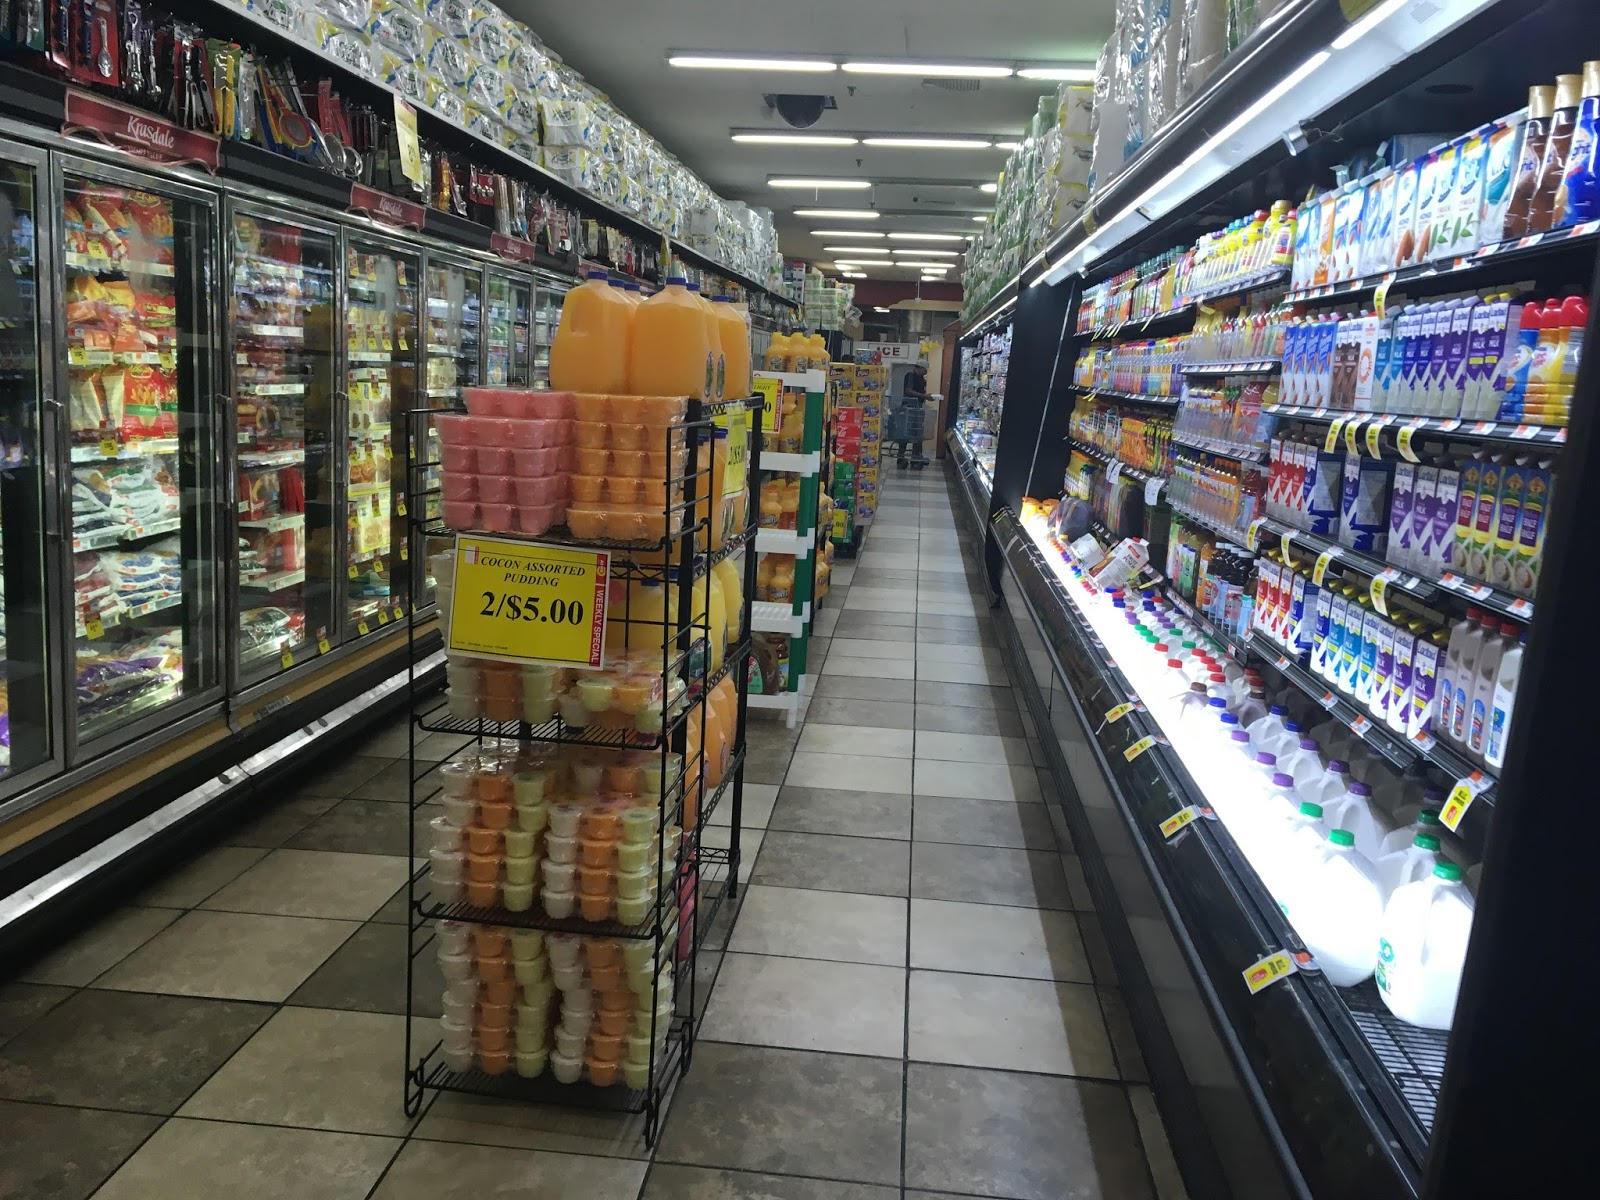 Supremo Food Market Allentown Pa